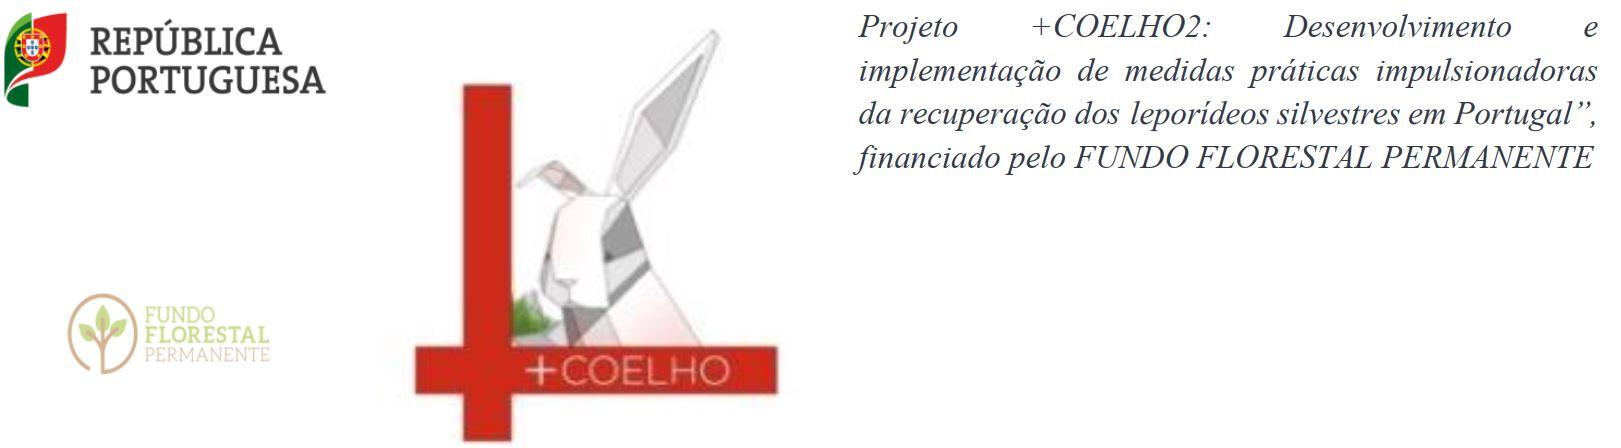 +coelho12